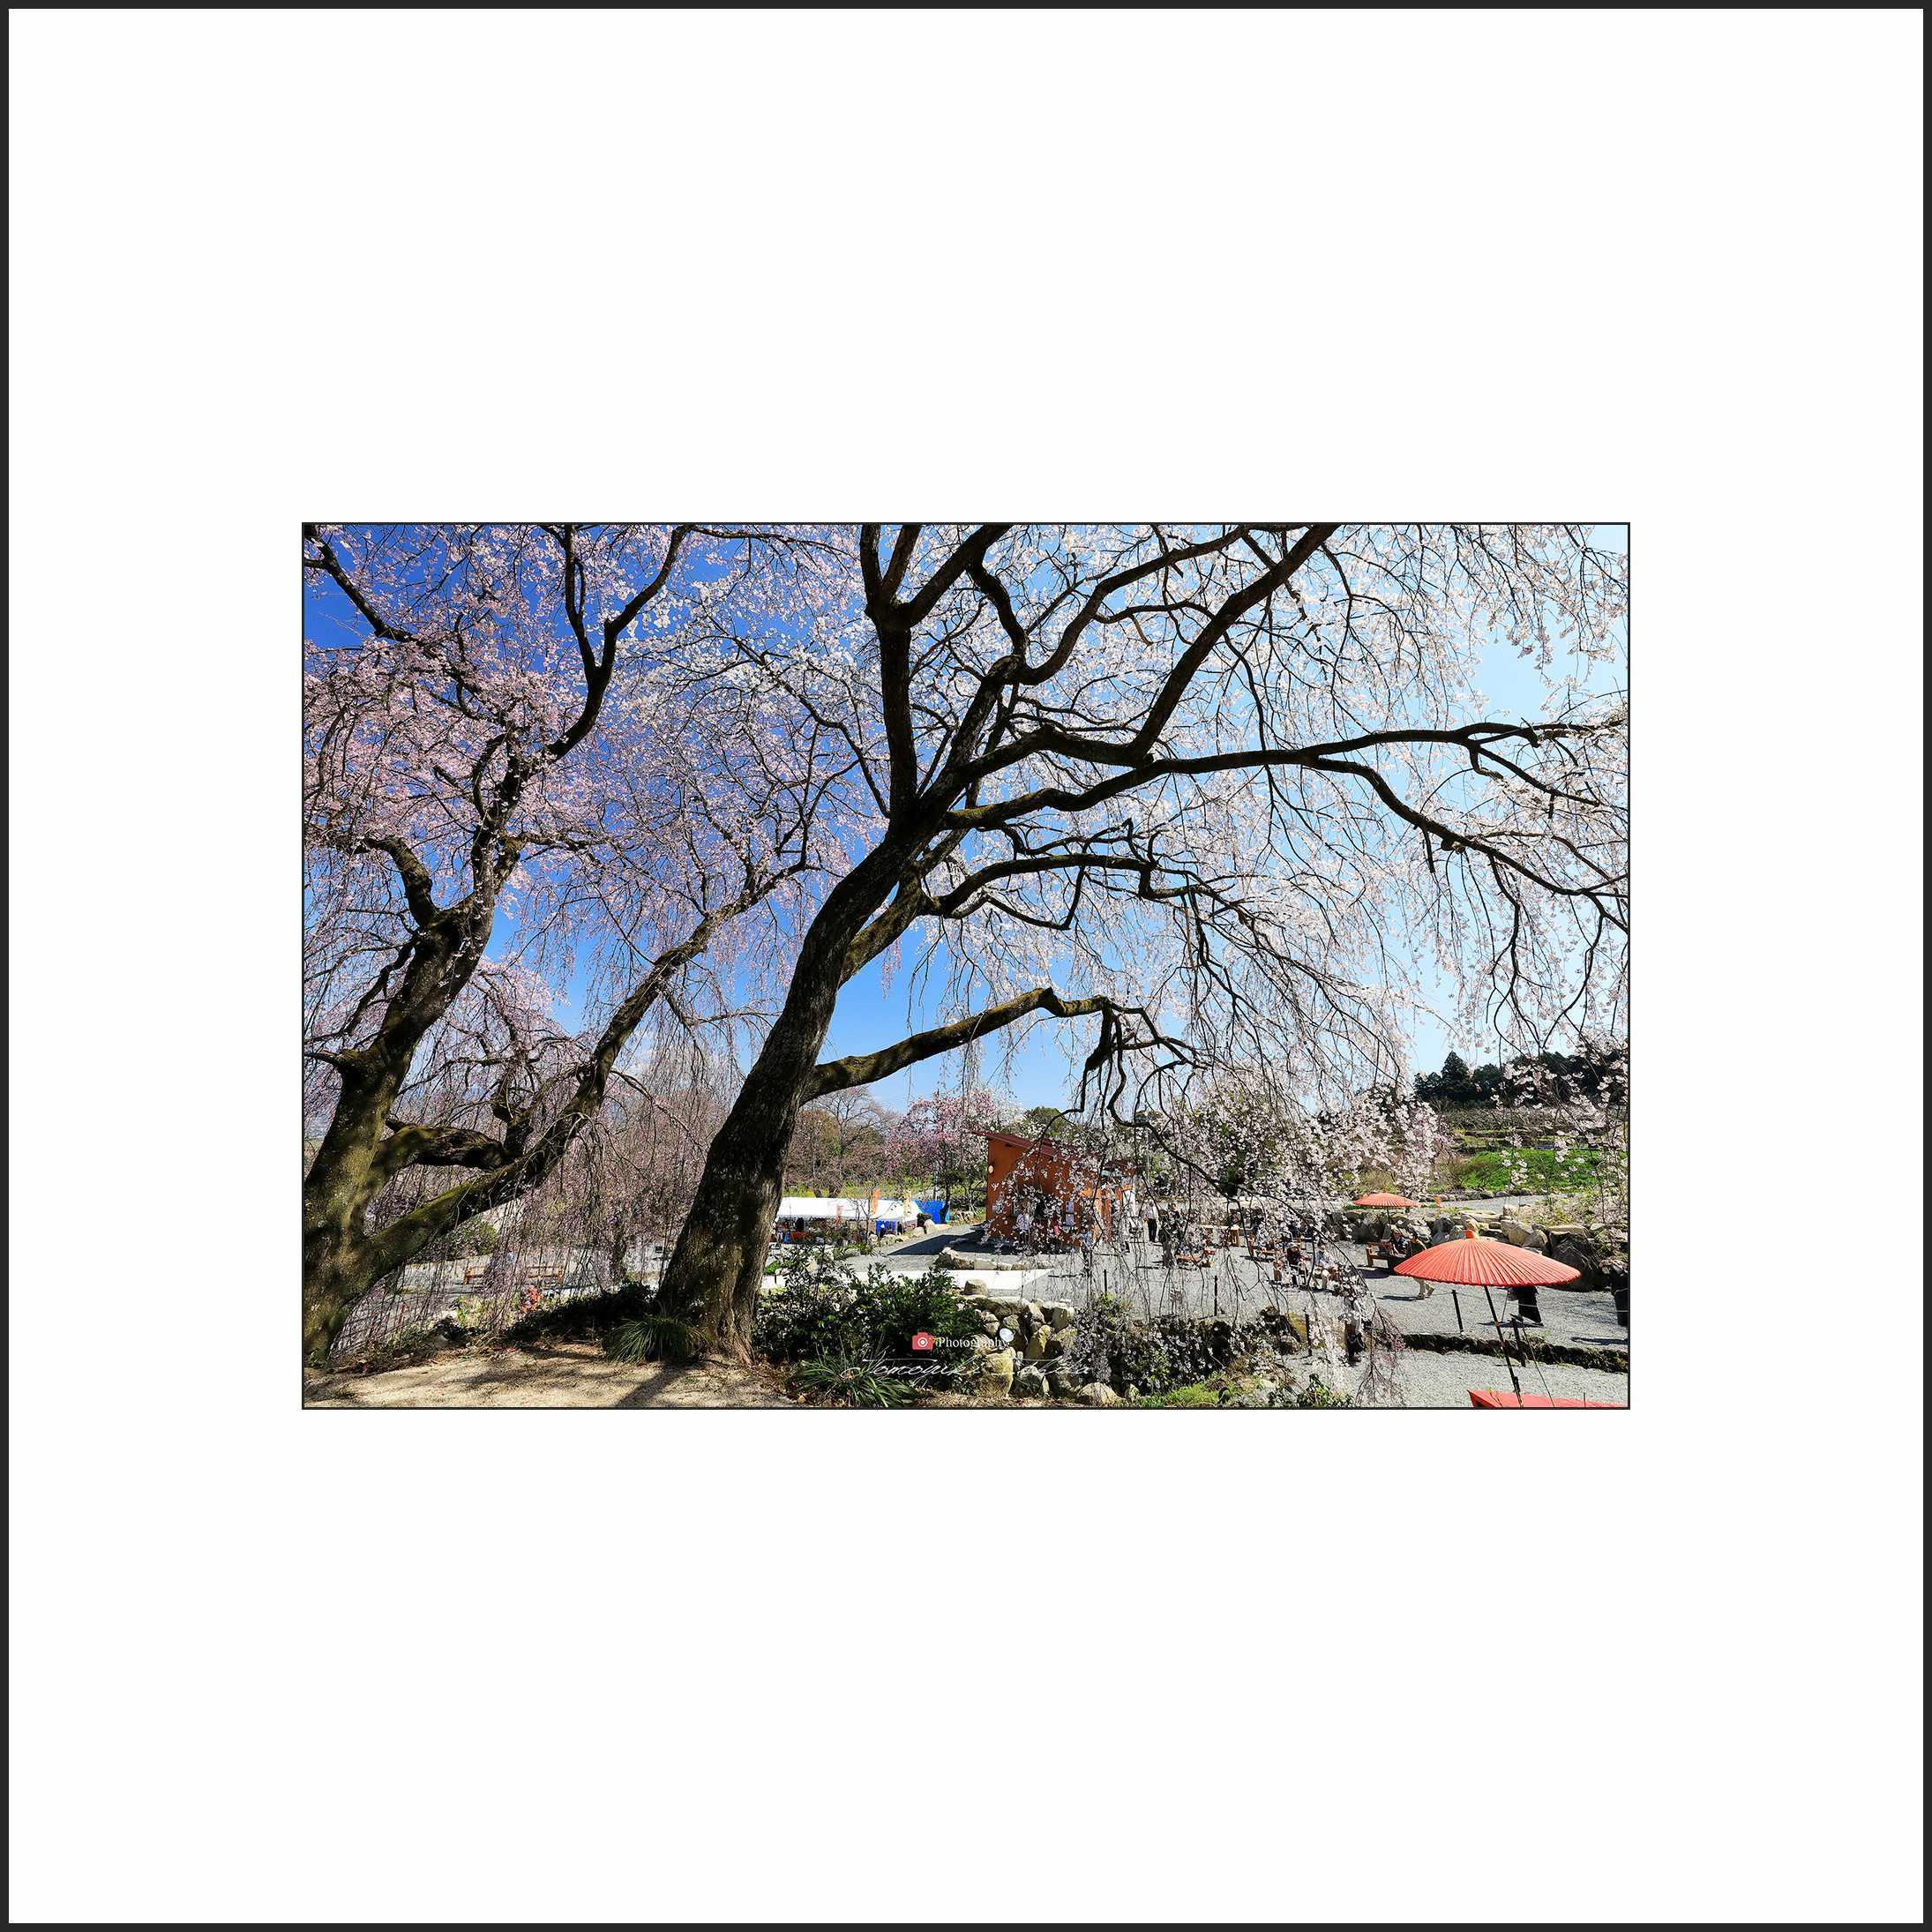 春の陽気_c0253556_06161897.jpg